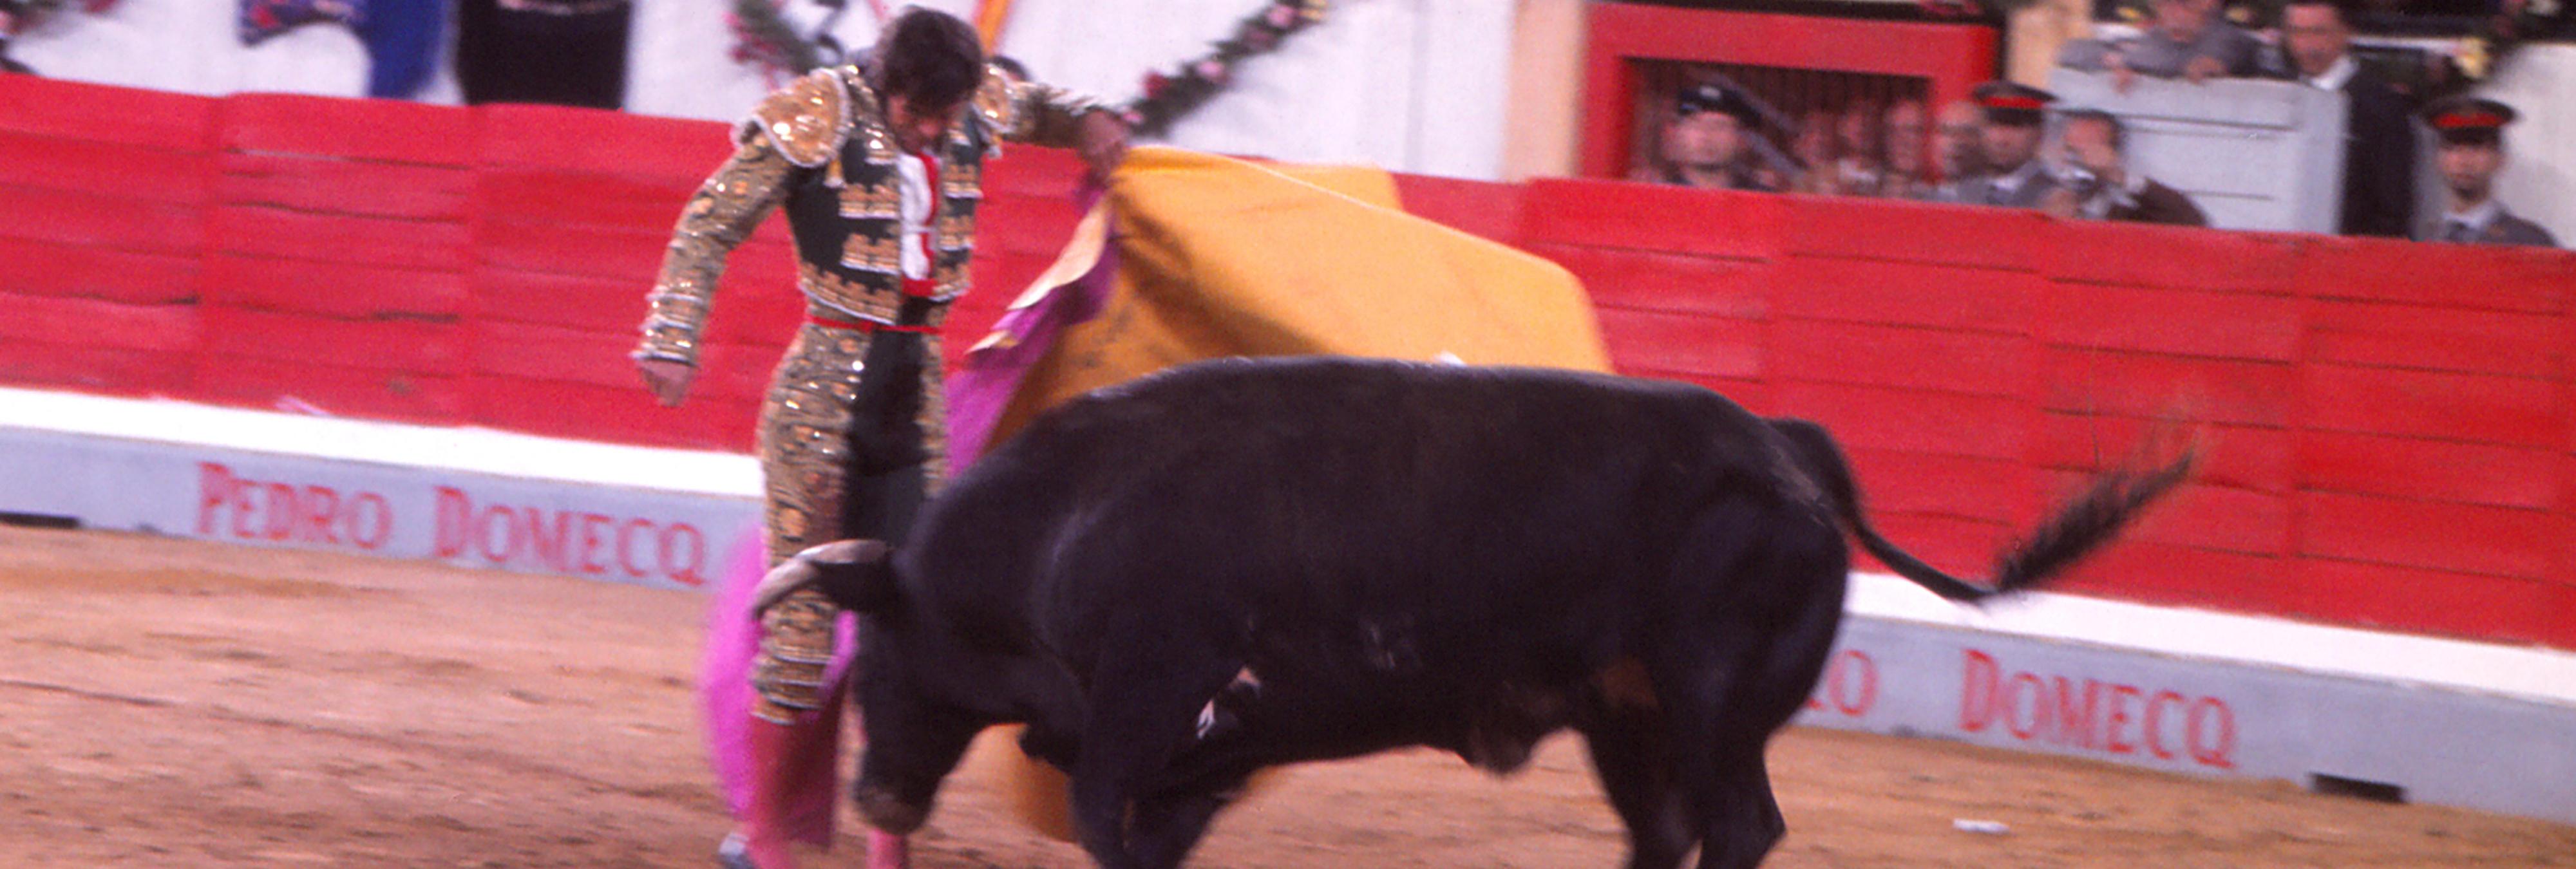 'El Córdobes', nuevo torero en recibir la Medalla de las Bellas Artes